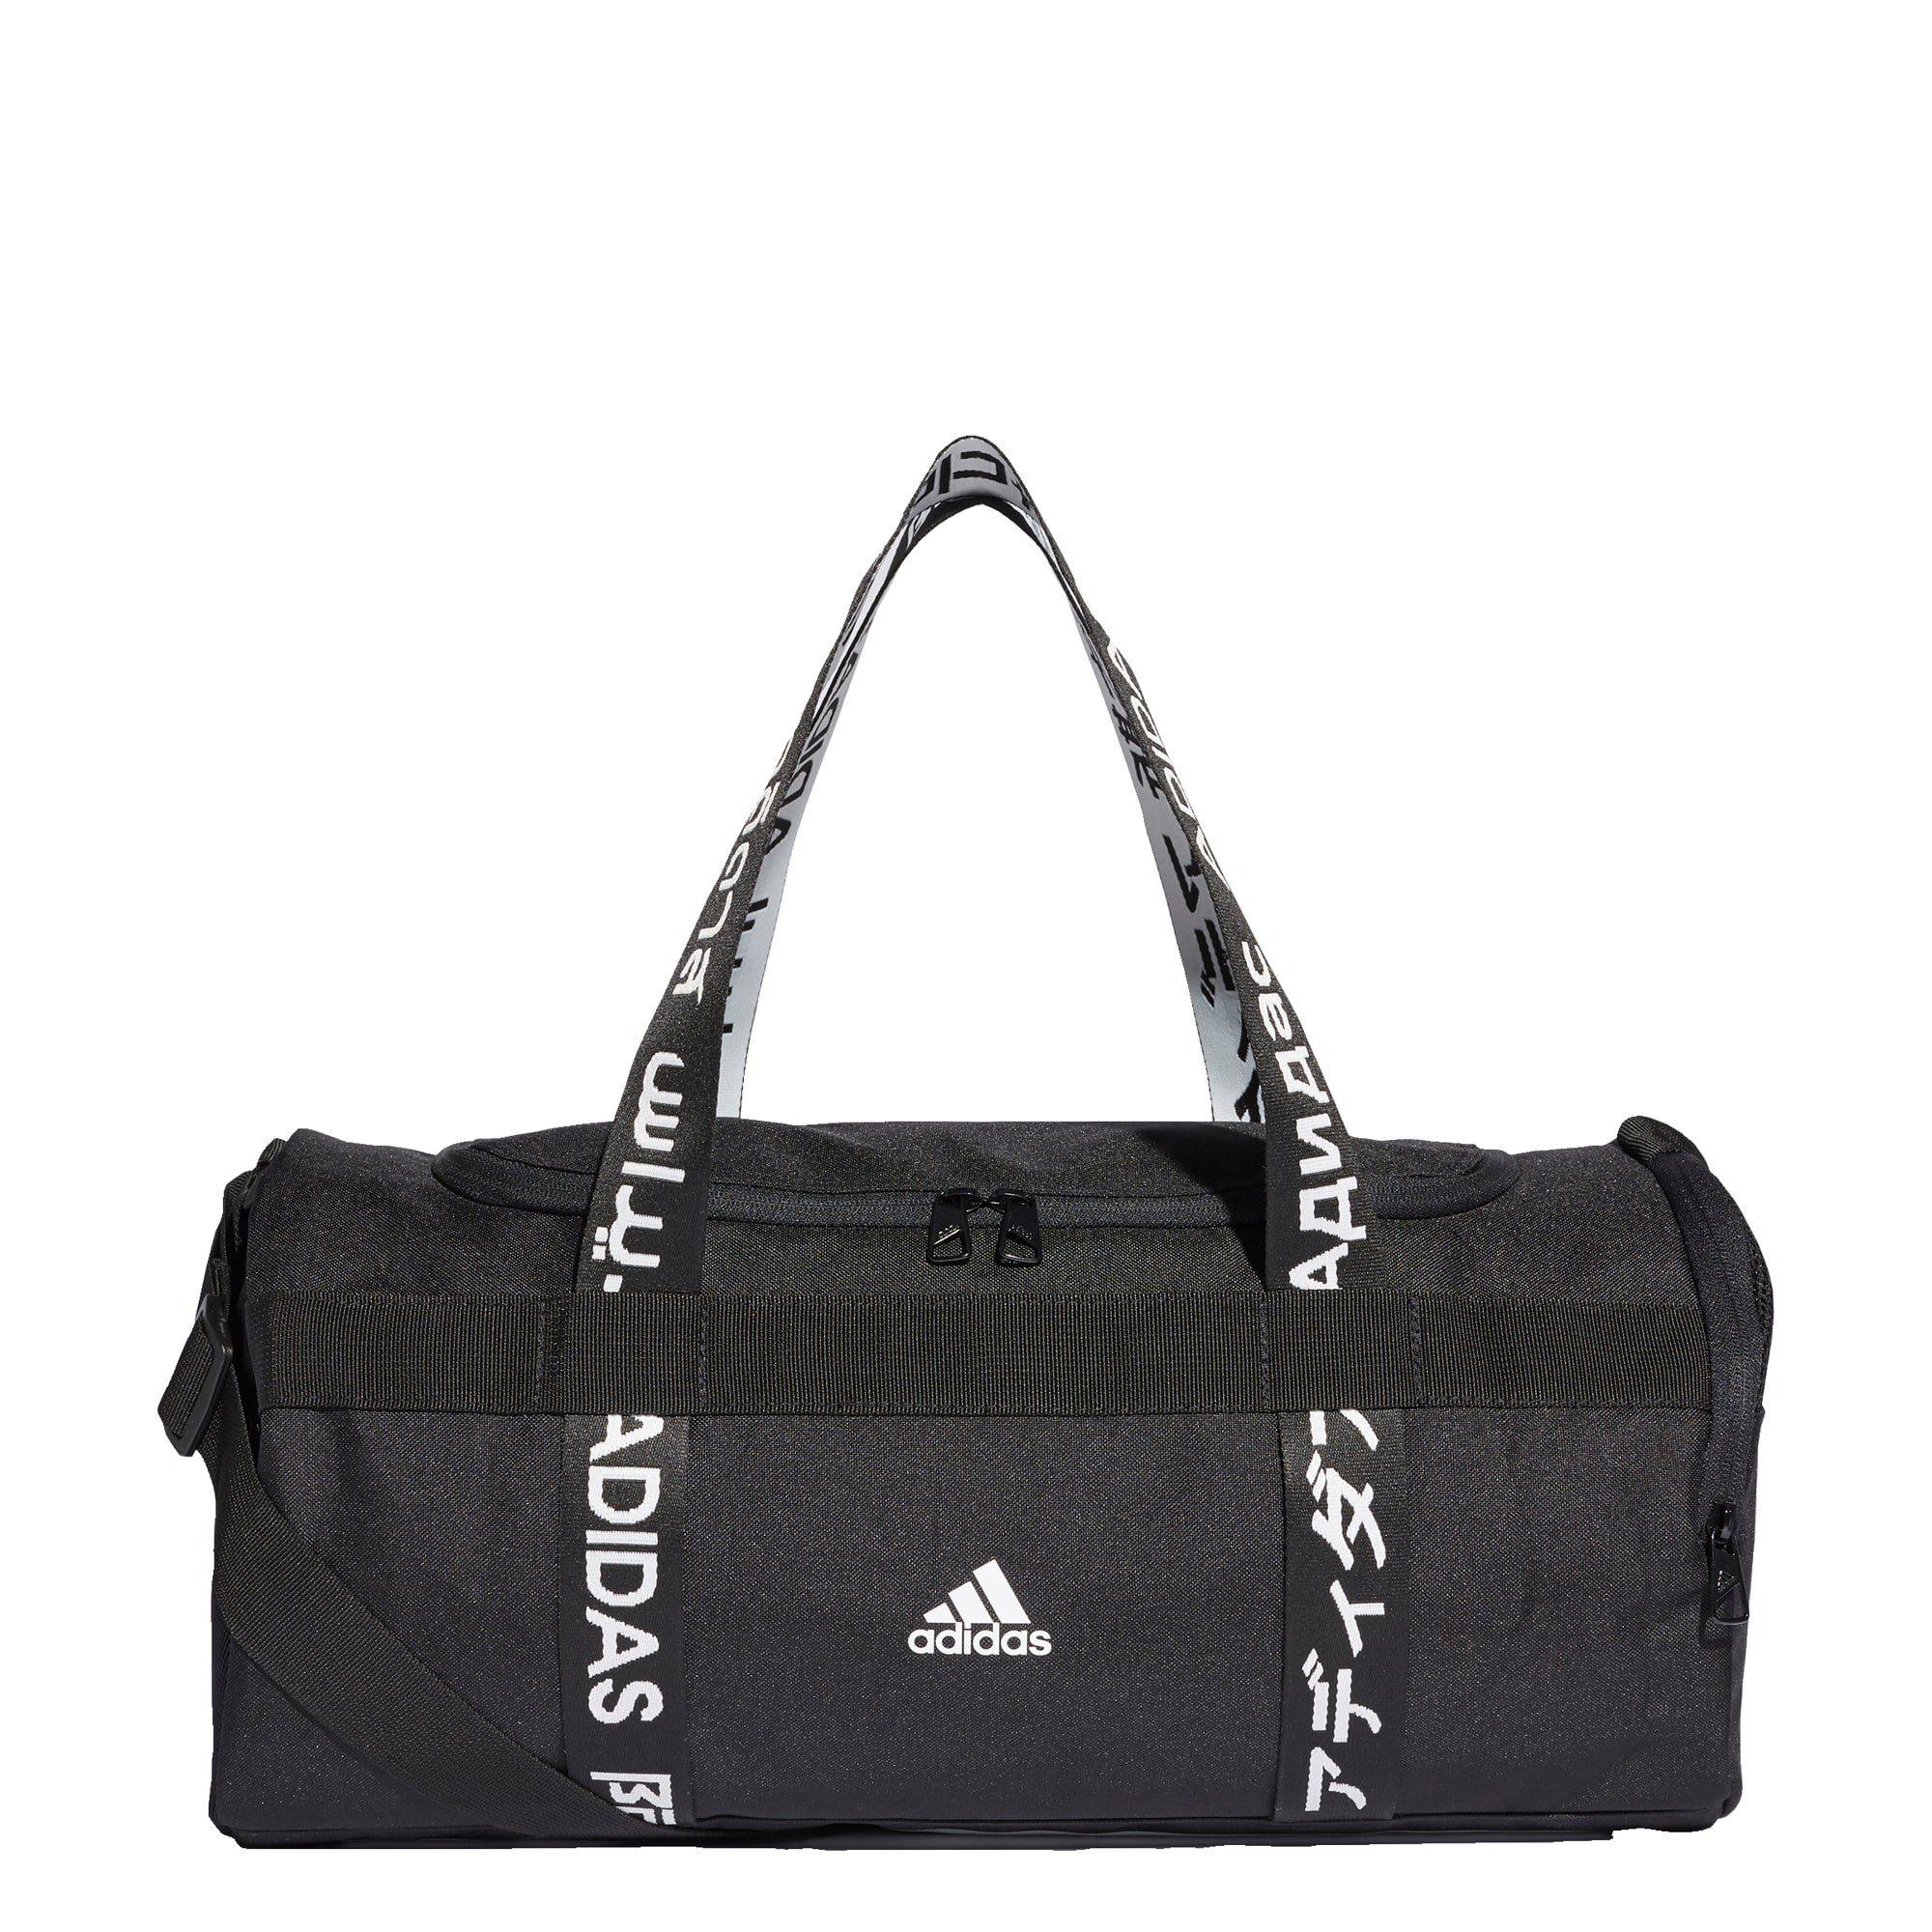 adidas Performance Sporttasche »4ATHLTS Duffelbag S« online kaufen   OTTO